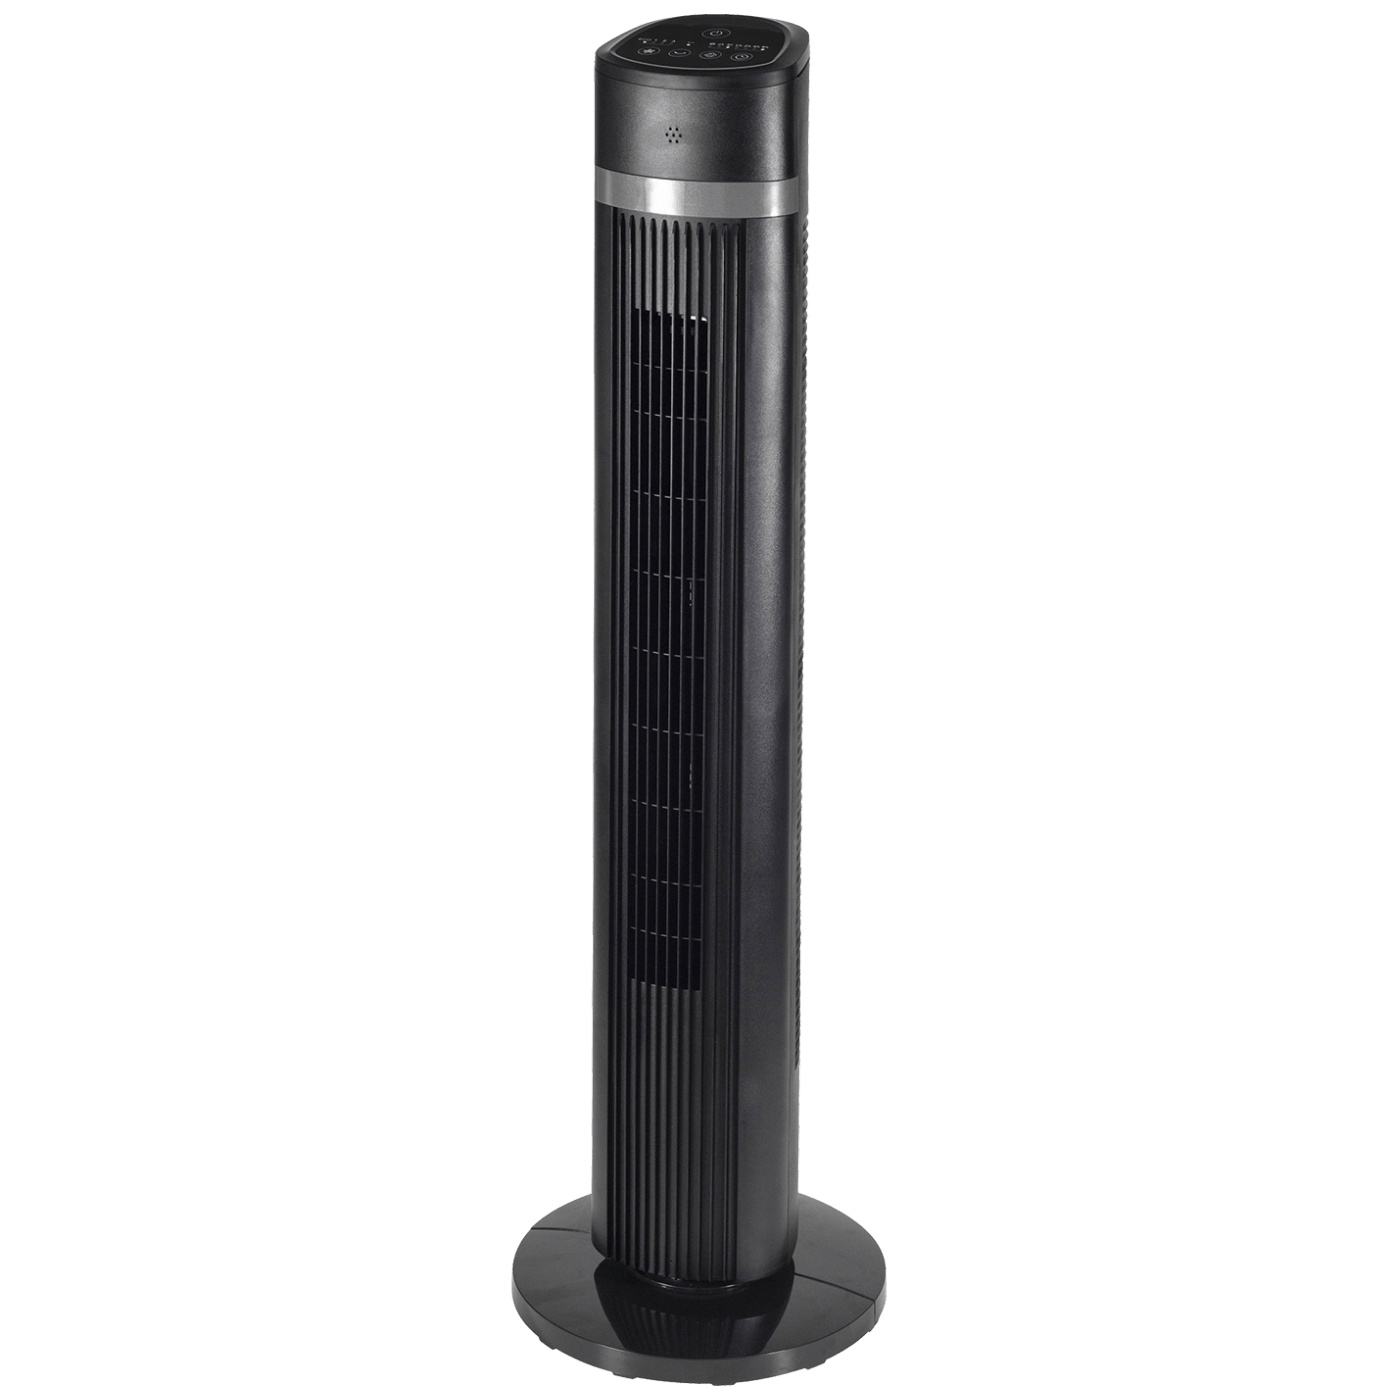 Ventilator stupni, daljinski upravljač, 45 W, 101 cm, ±85°